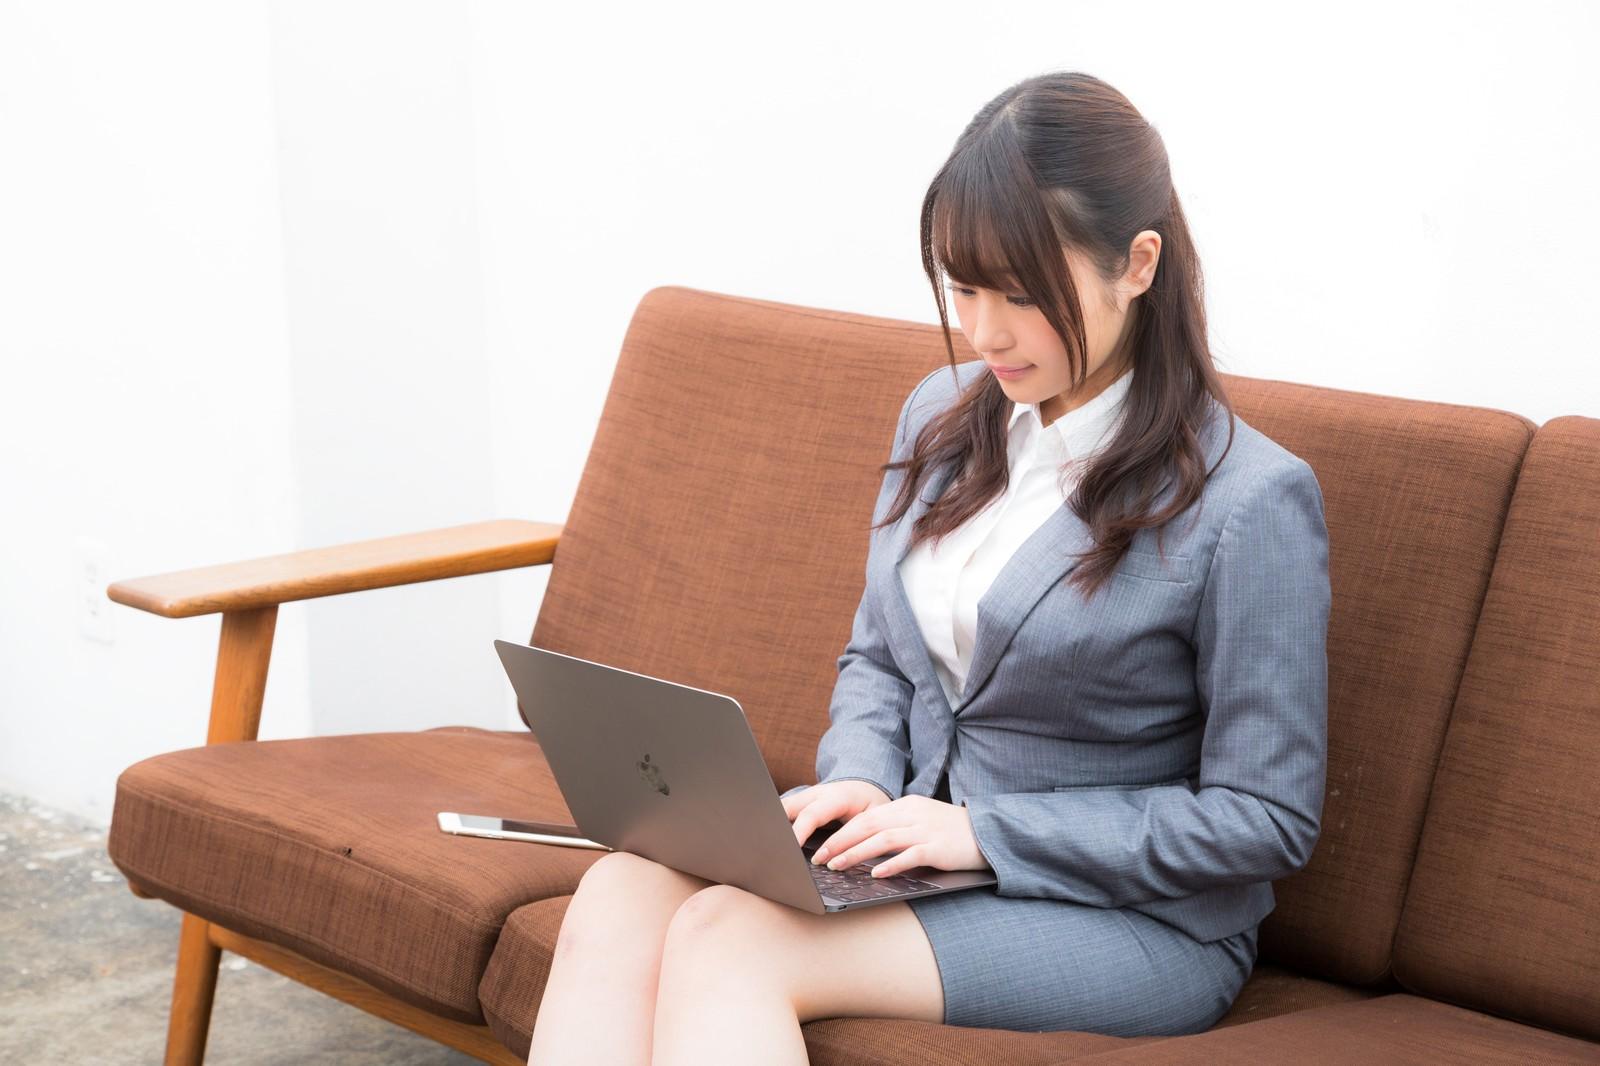 どんな昼職でもビジネスマナーは必要か?